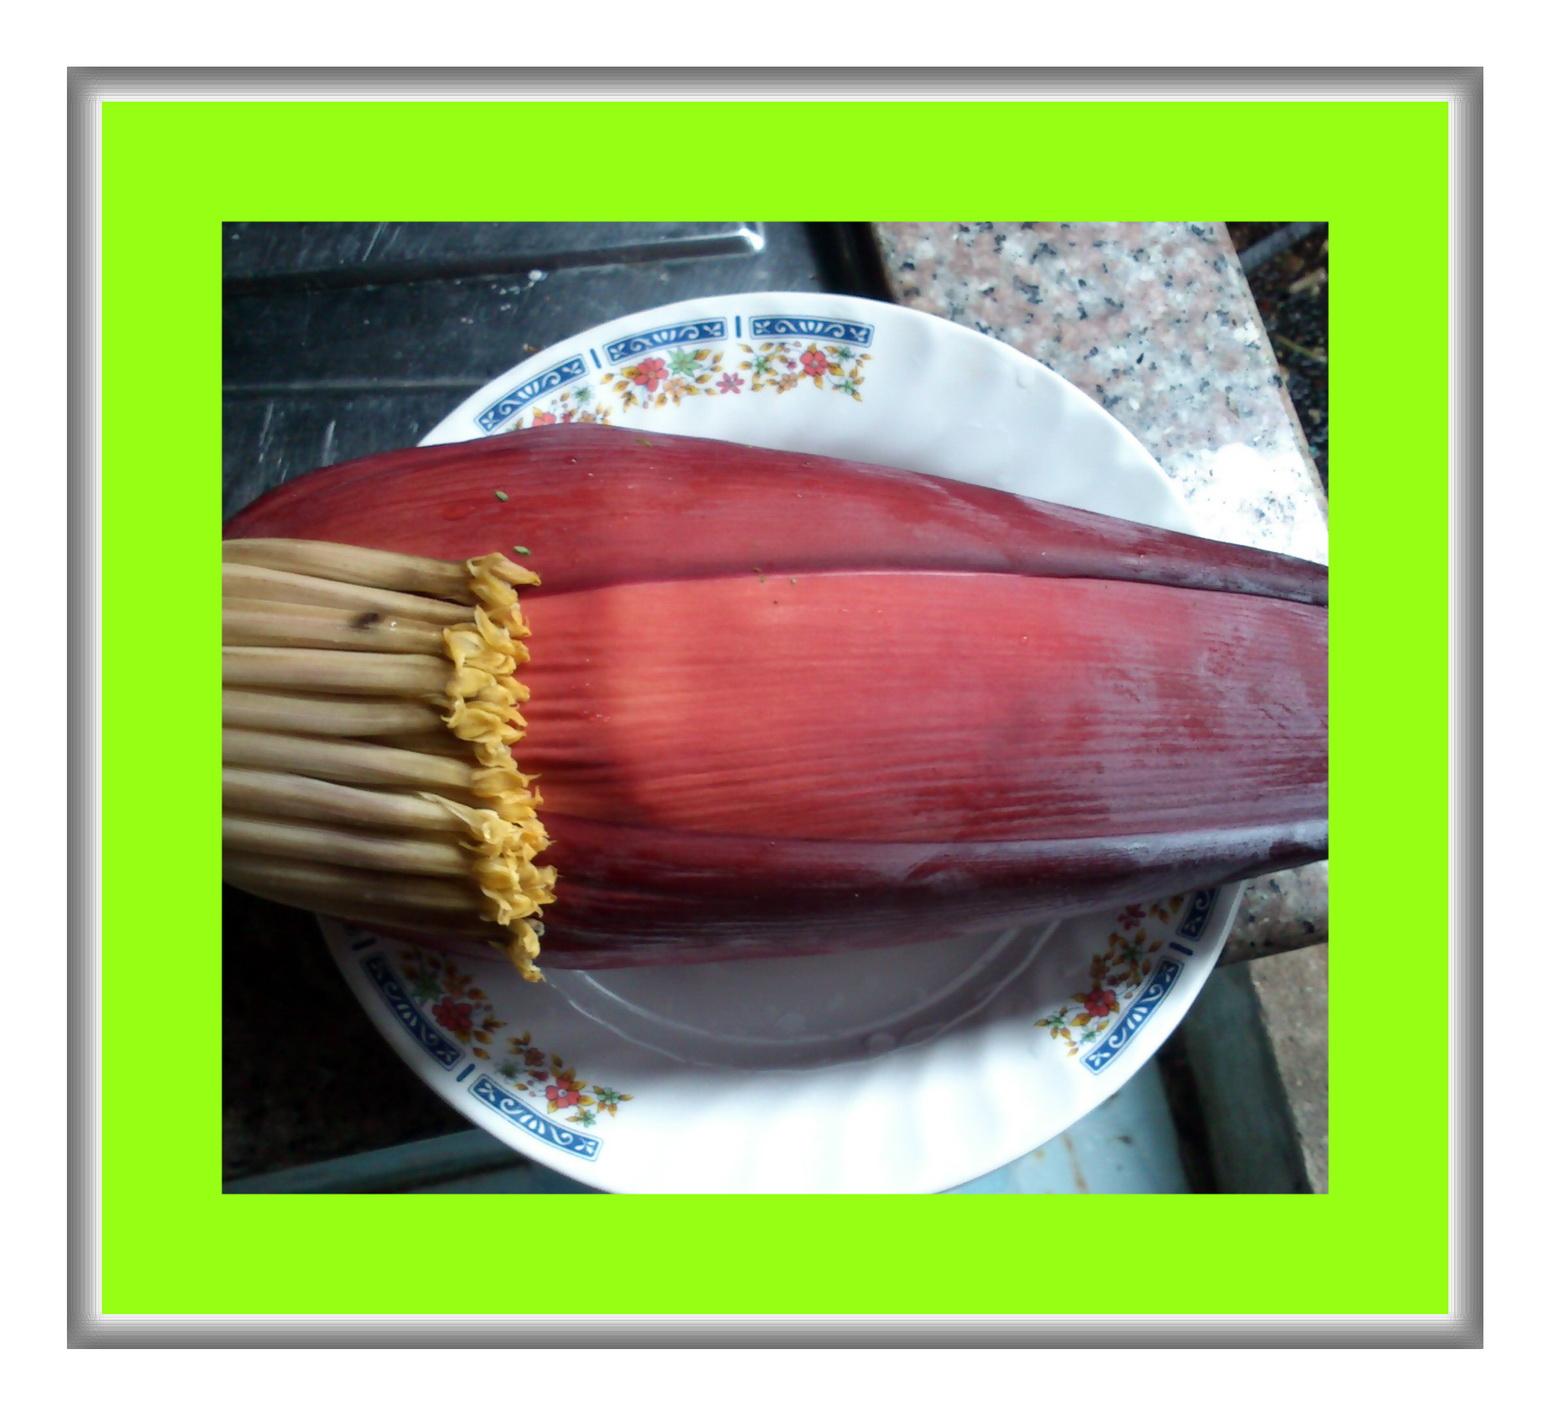 แกงหัวปลีใส่ซี่โครงหมู (แกงเหนือ)อาหารเหนือ